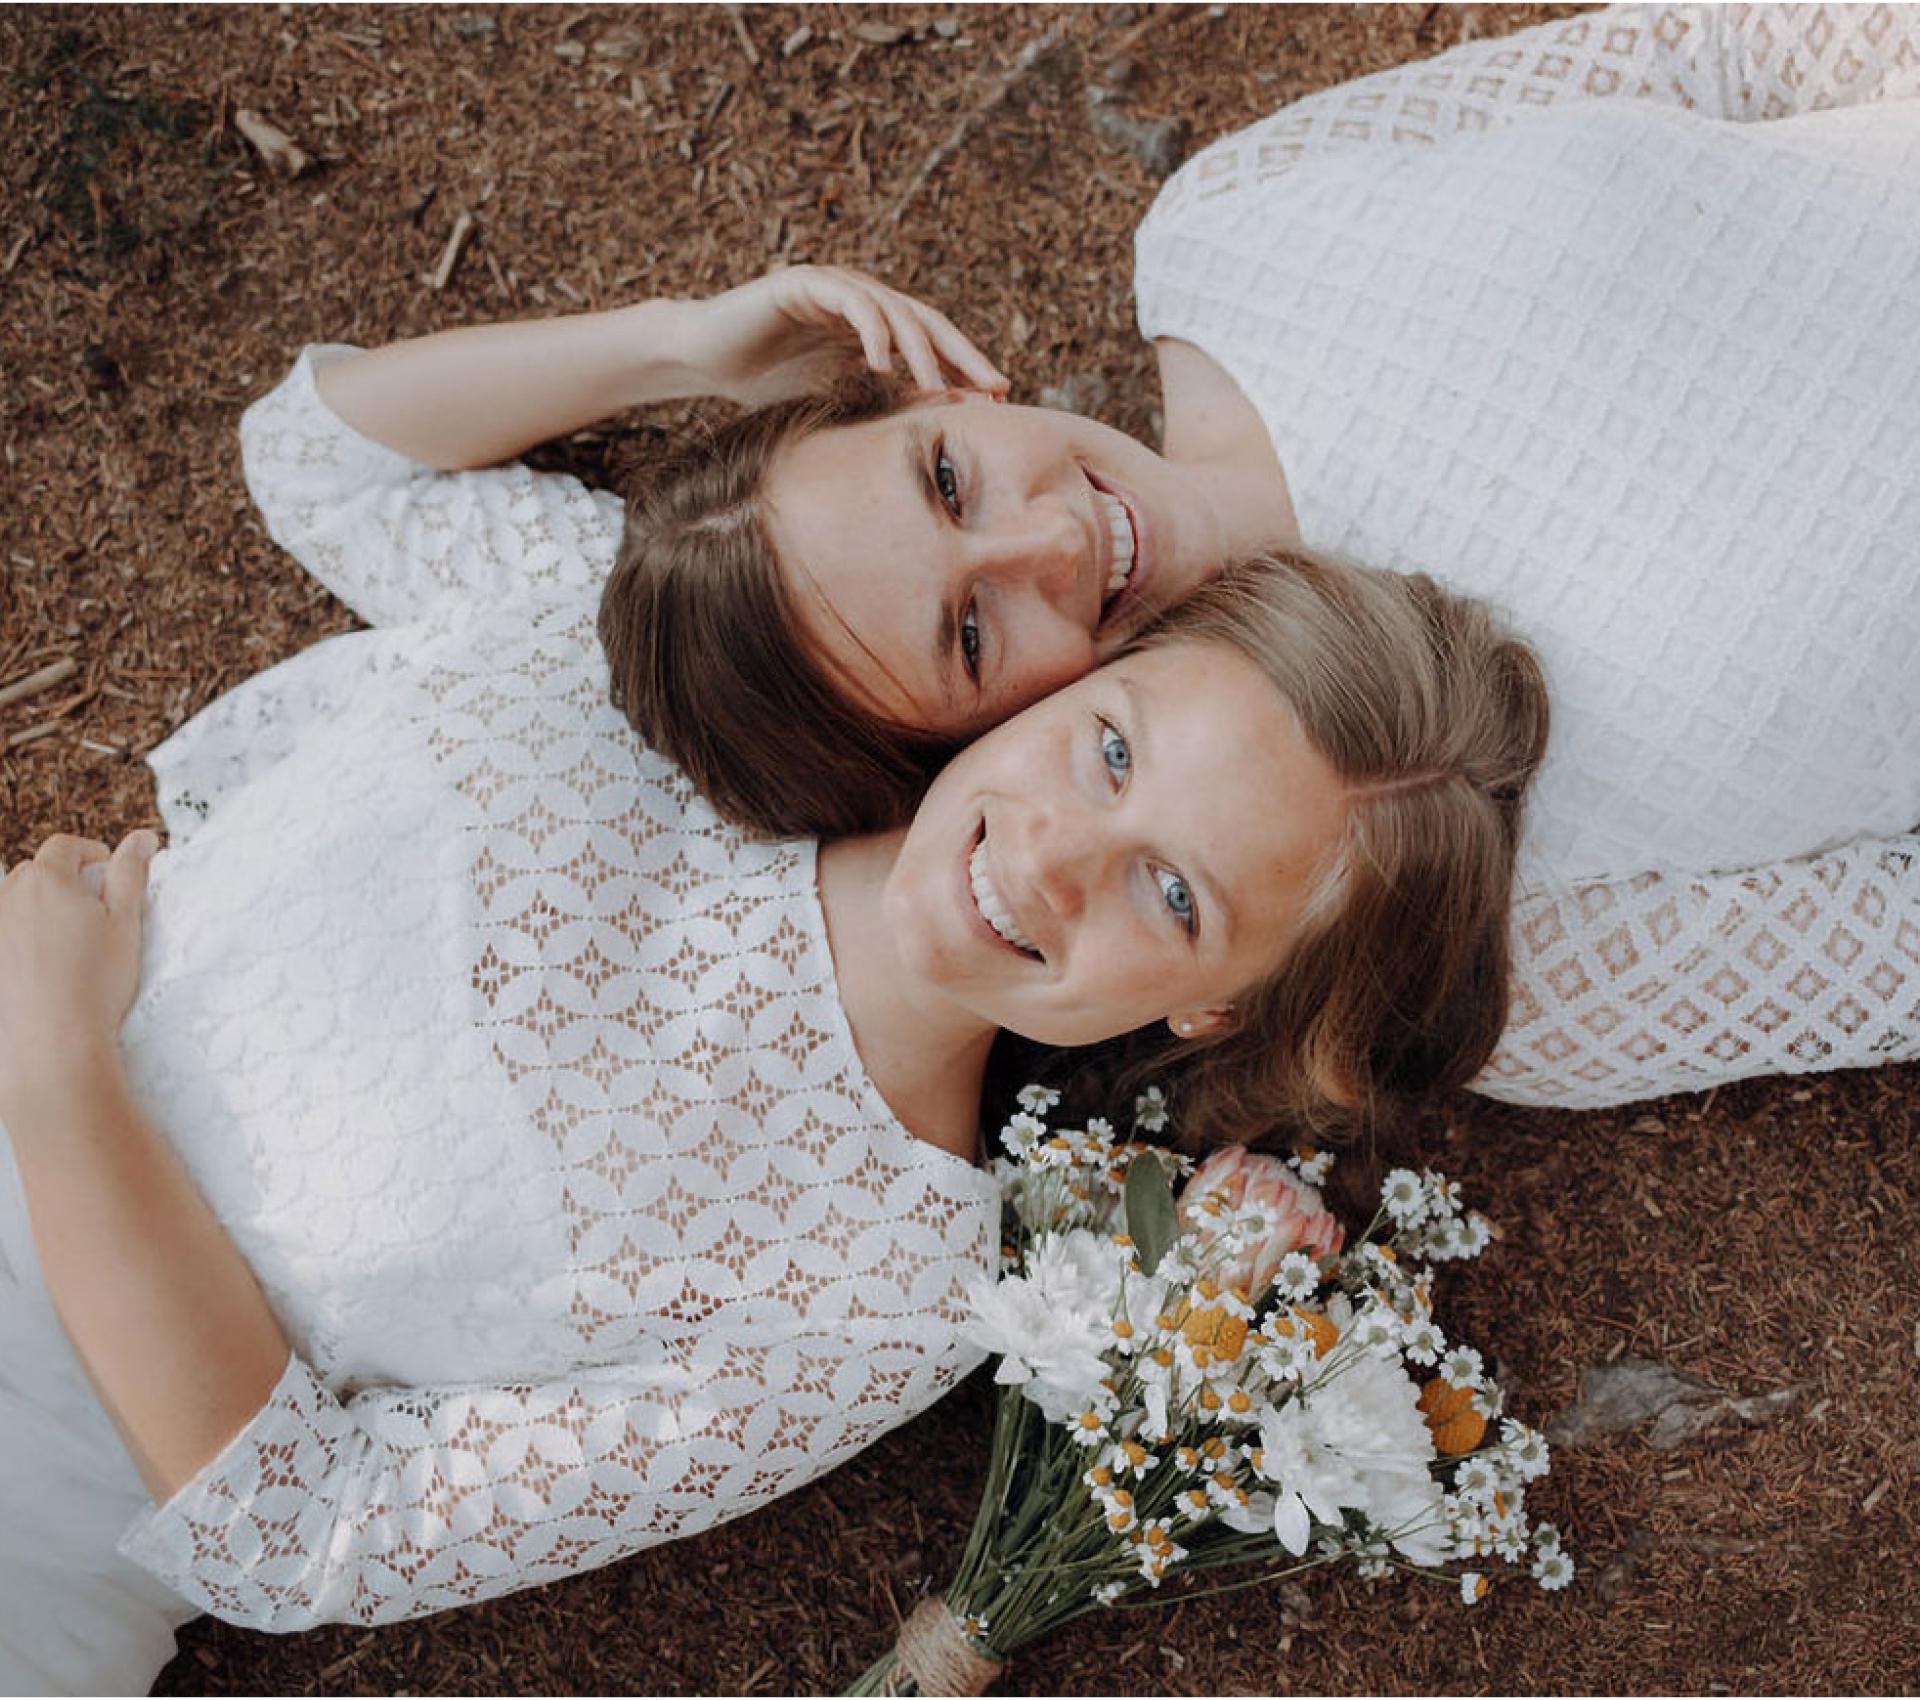 Zwei Frauen liegen auf einer Blumenwiese